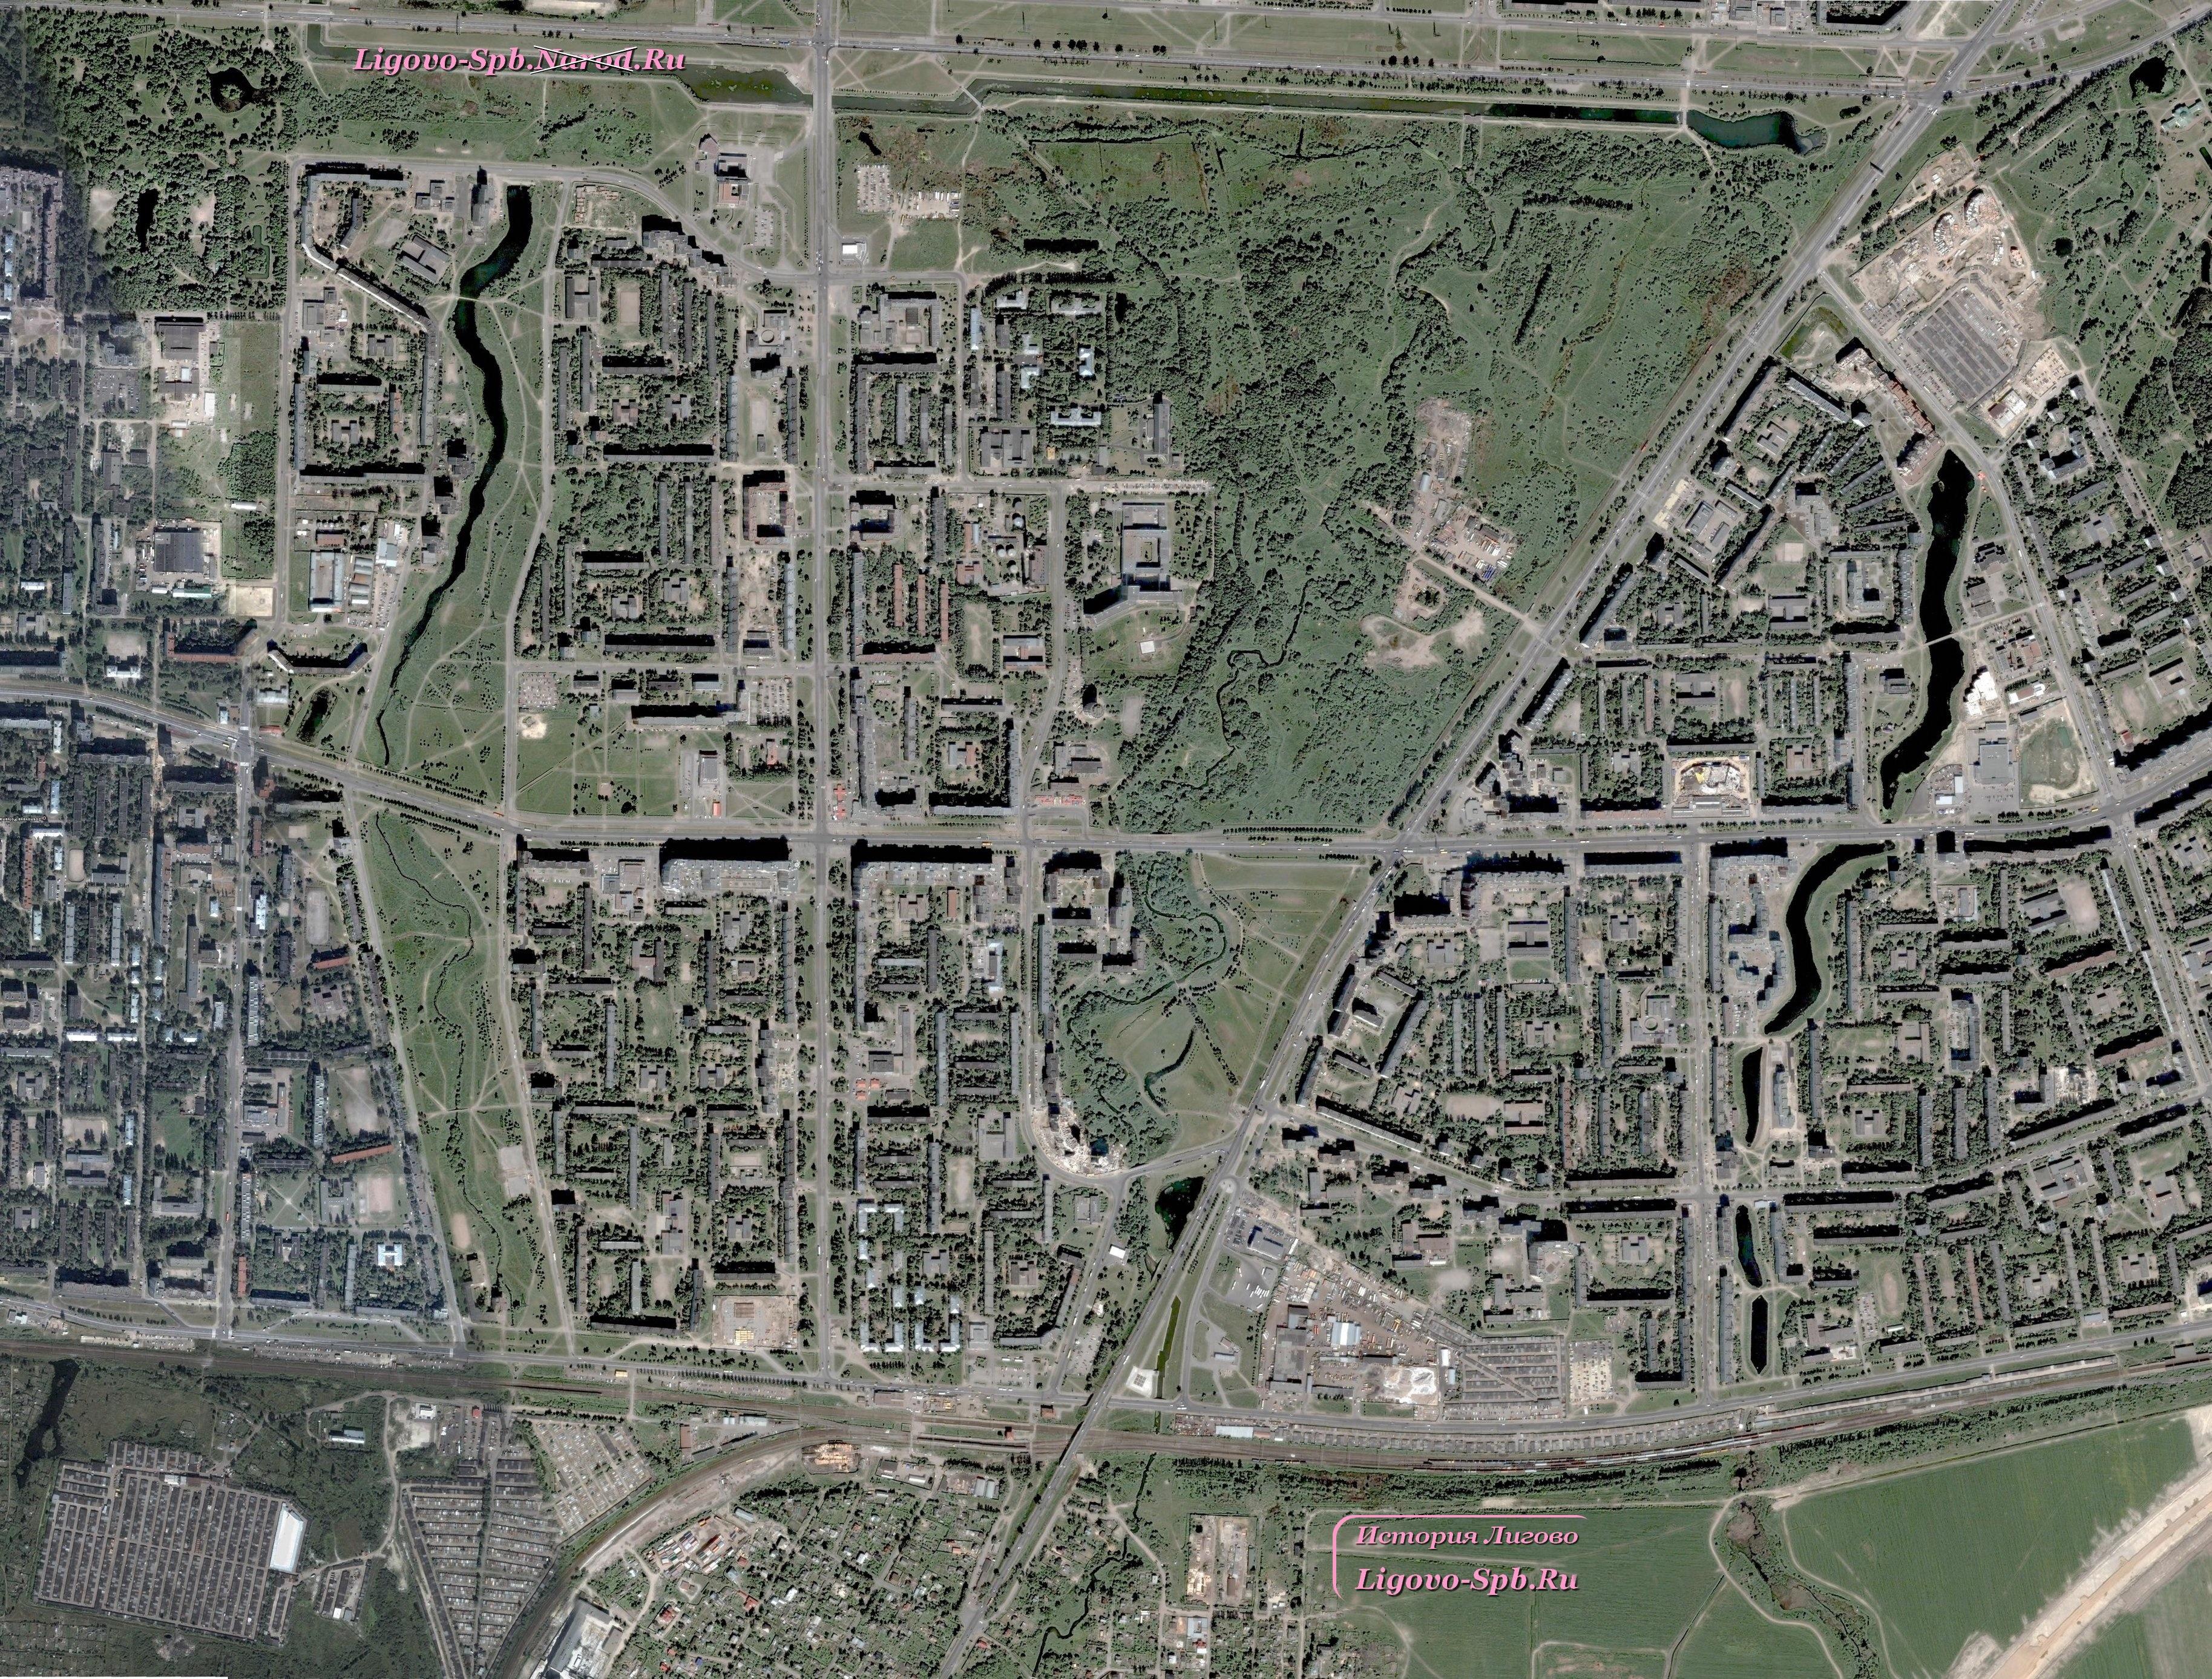 Карта гугл спутник 2016 онлайн высокое качество - a